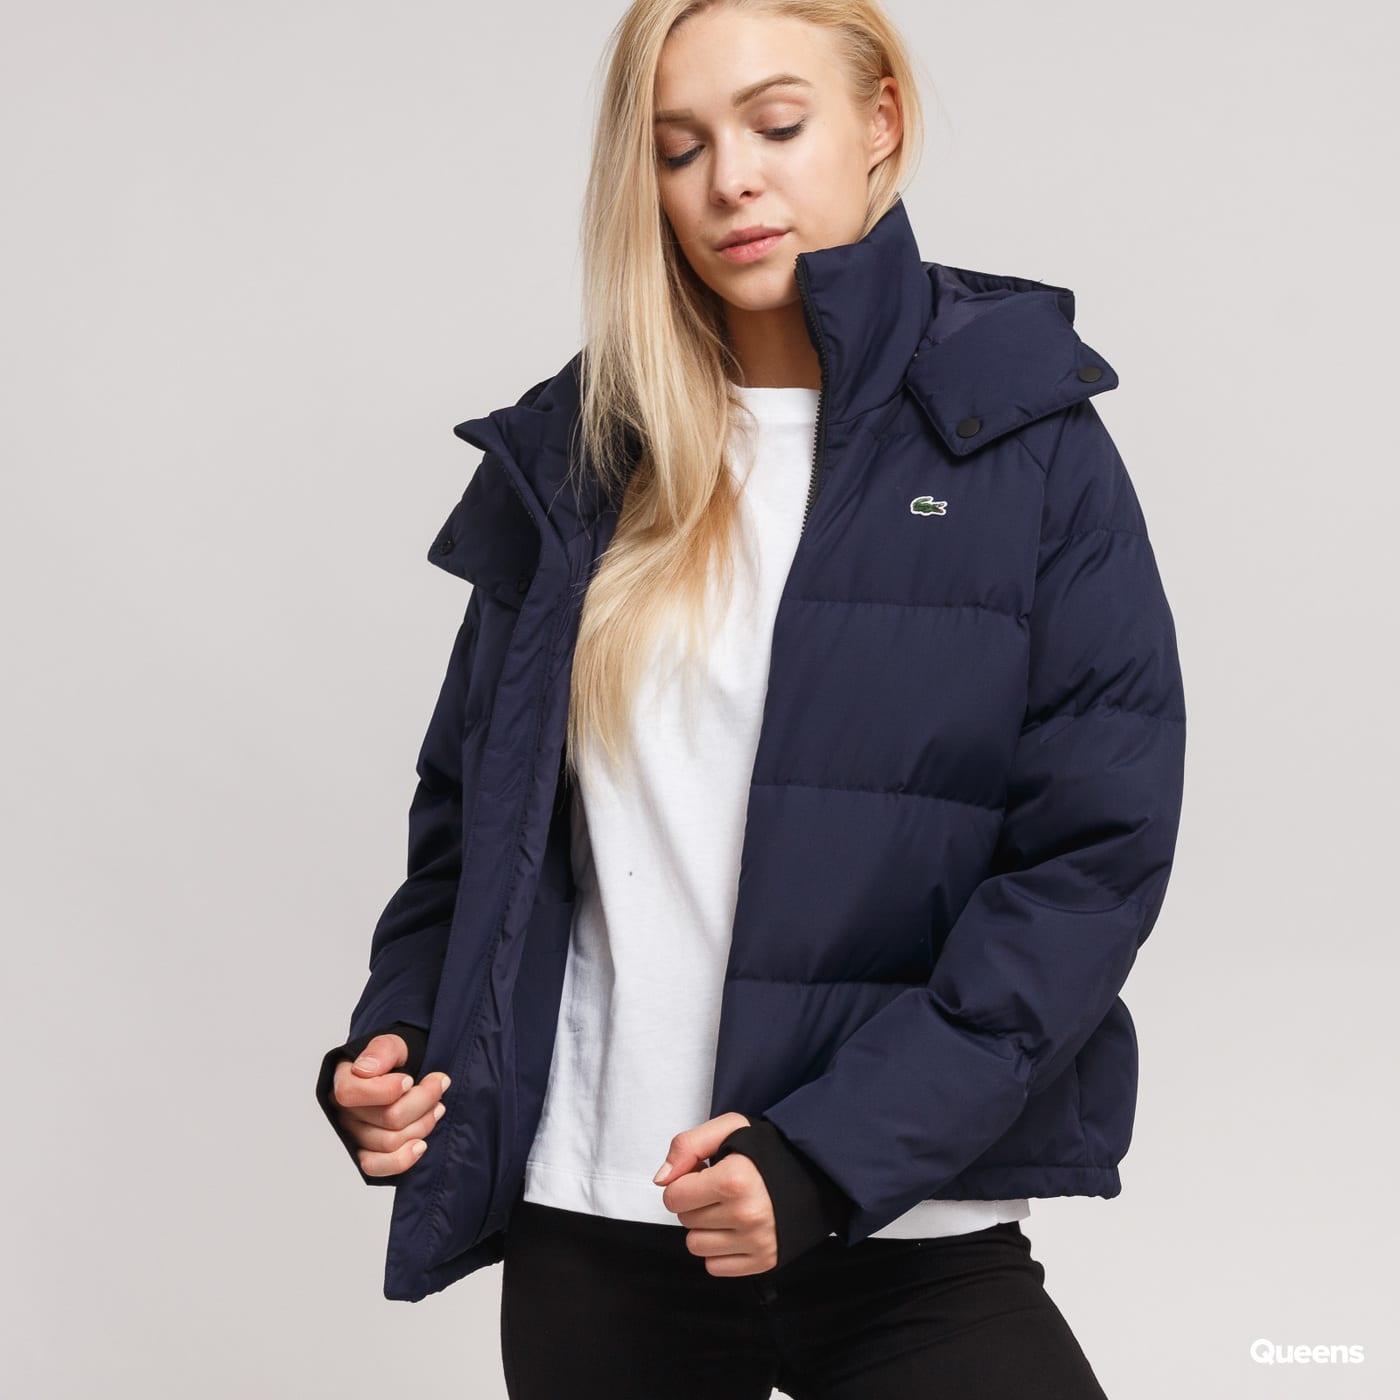 1cedd967710 Dámská zimní bunda LACOSTE Woman Jacket (BF8996) – Queens 💚